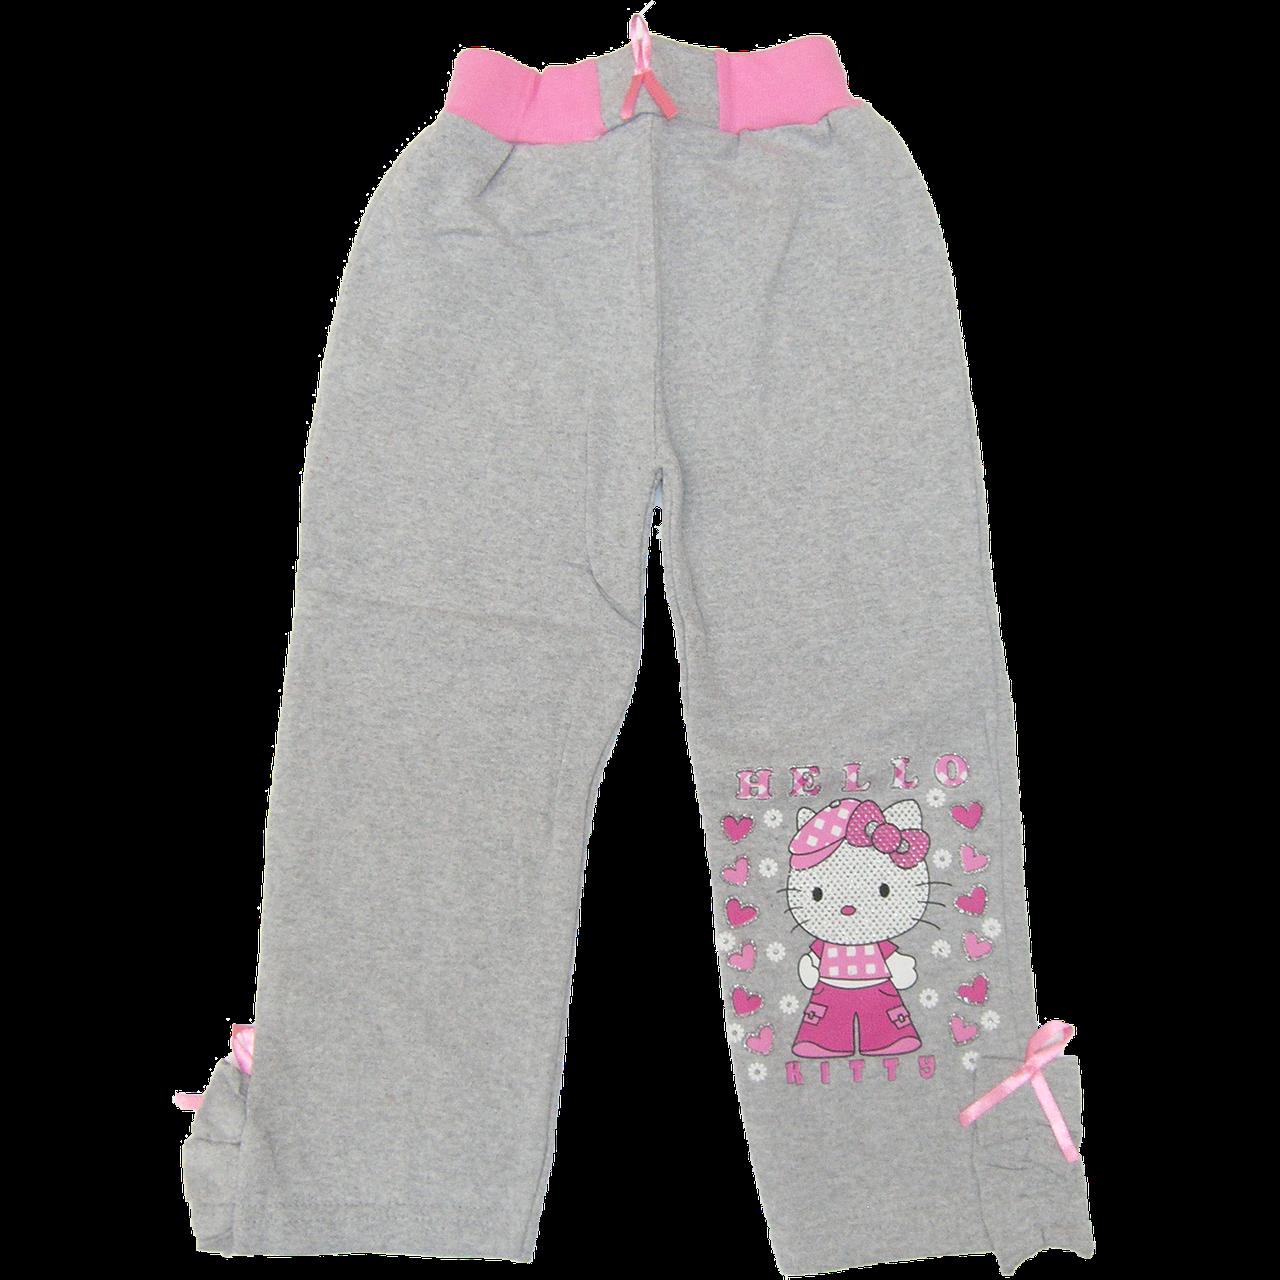 aefa0661 Детские спортивные штаны, плотный трикотаж с начесом, Турция, р.98, 104,  110, 116, цена 138 грн., купить в Киеве — Prom.ua (ID#863959084)